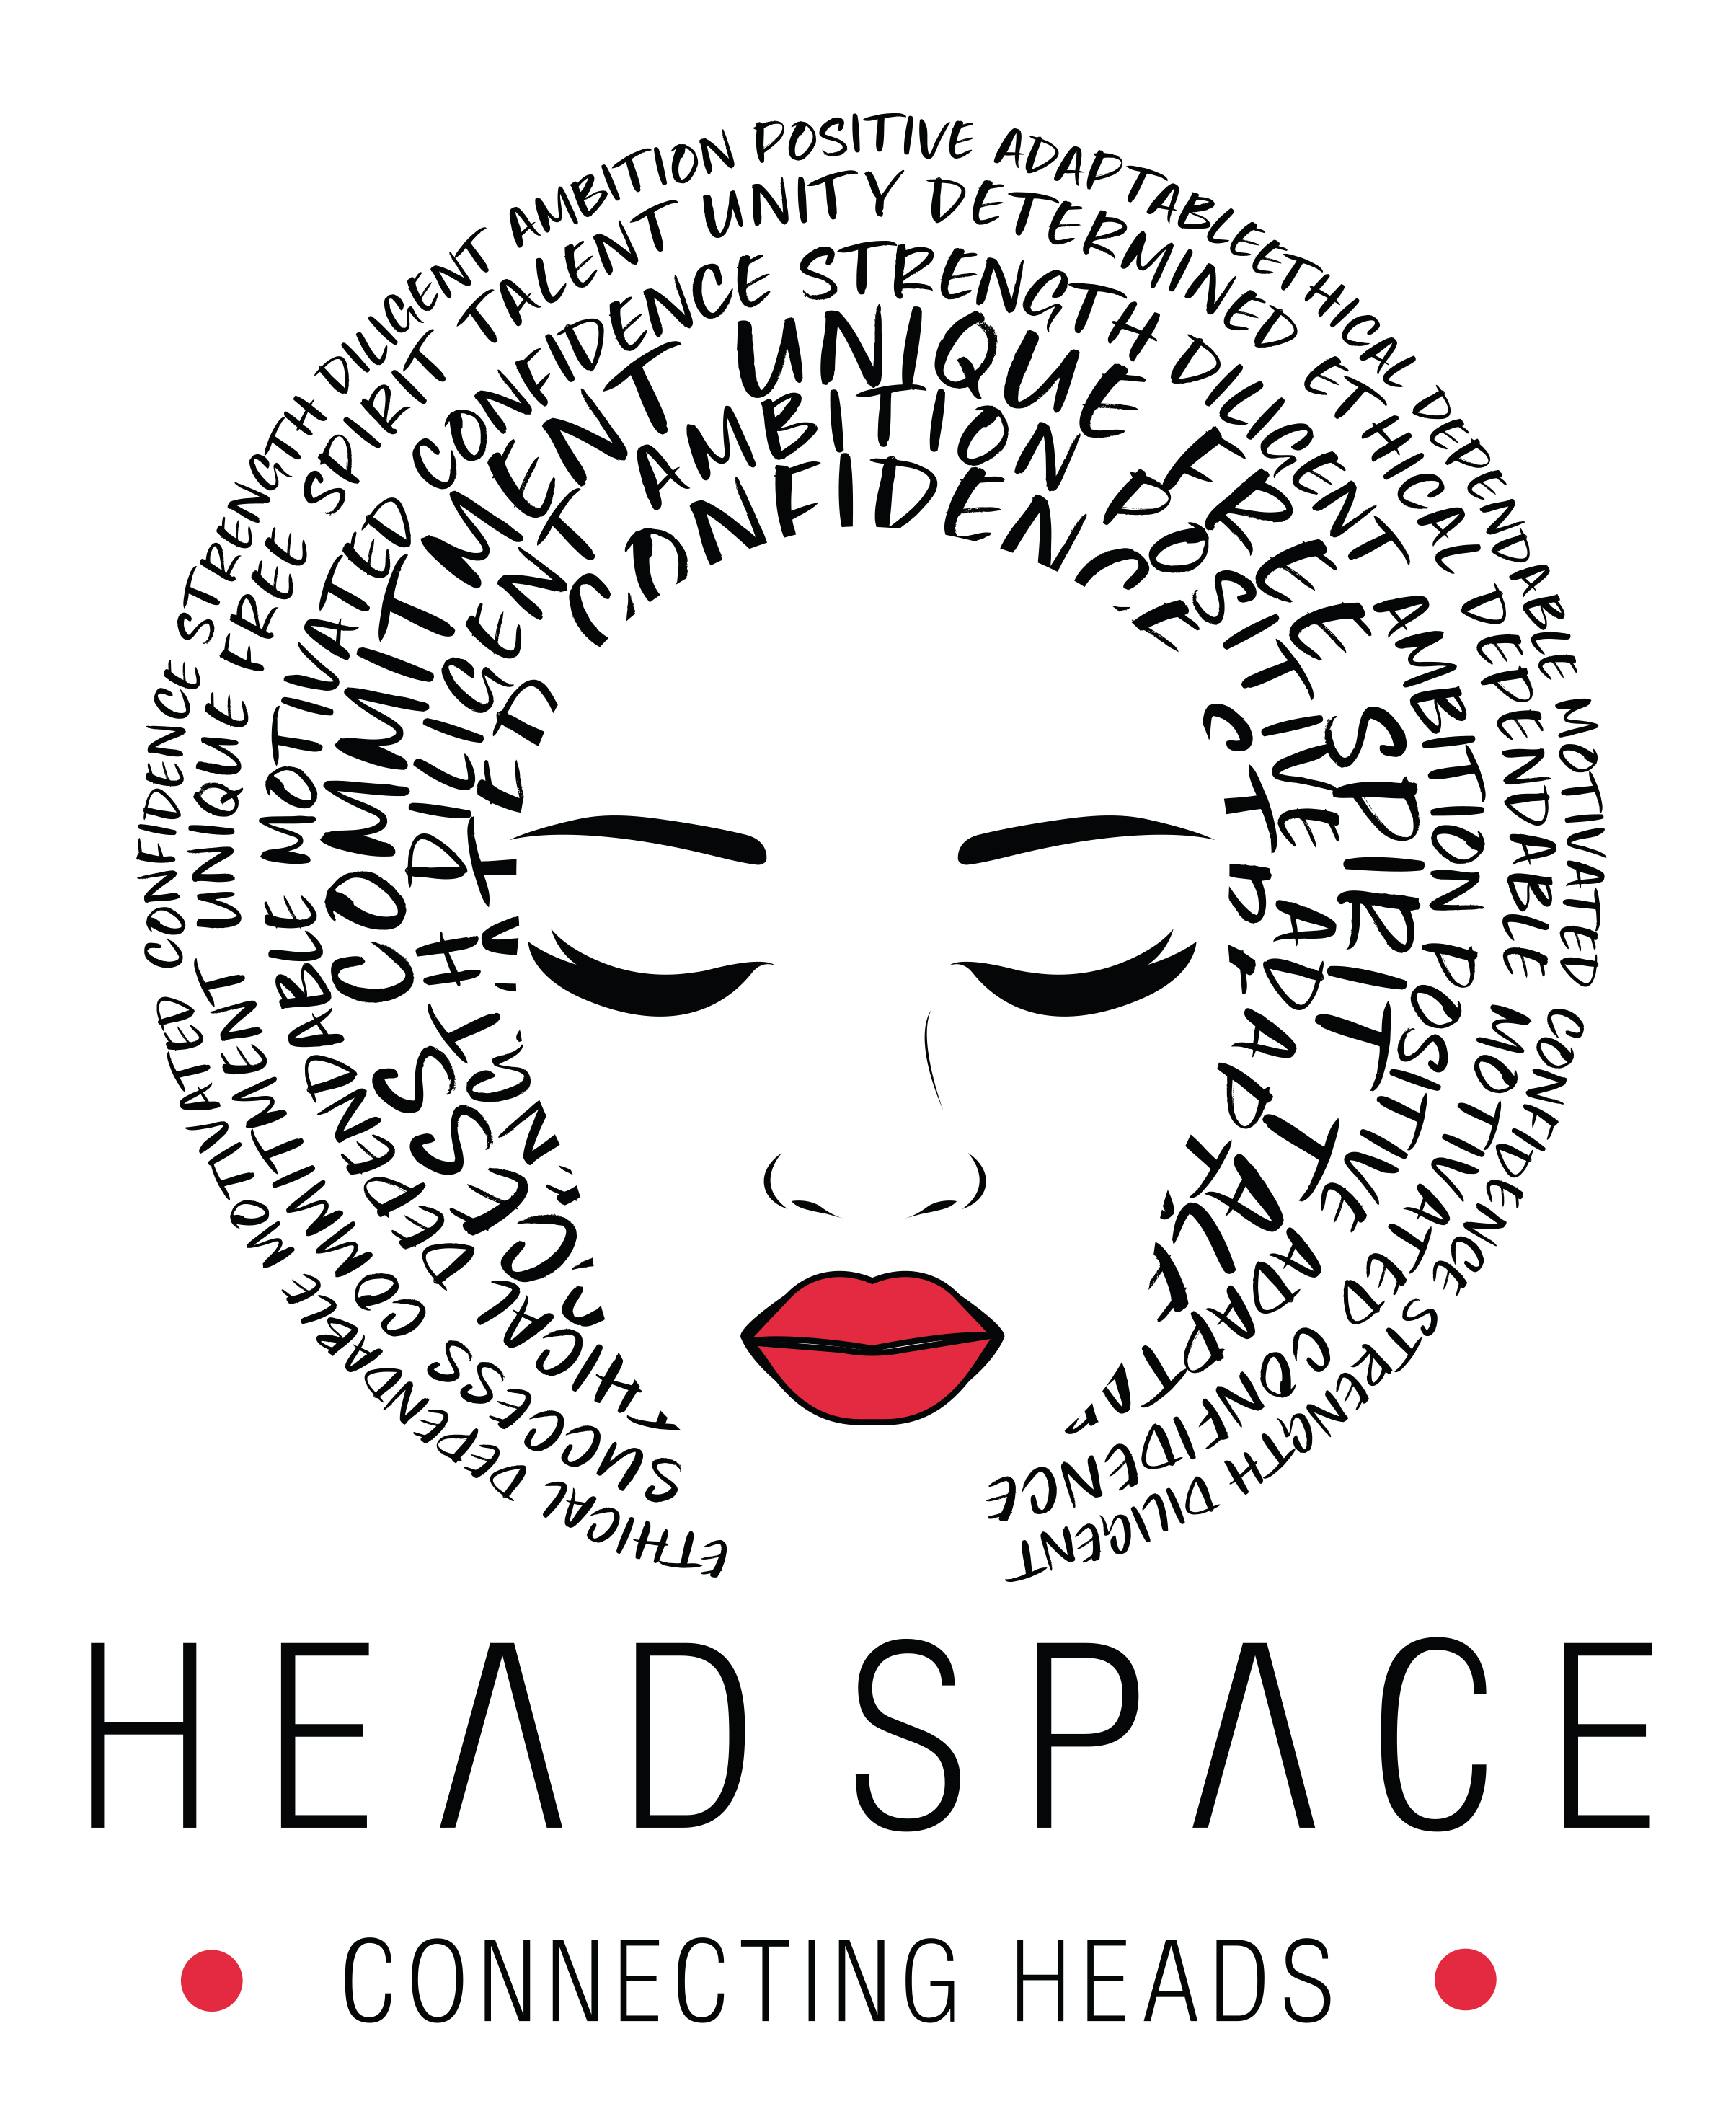 https://www.mncjobs.co.za/company/headspace-headhunting-ta-headspace-global